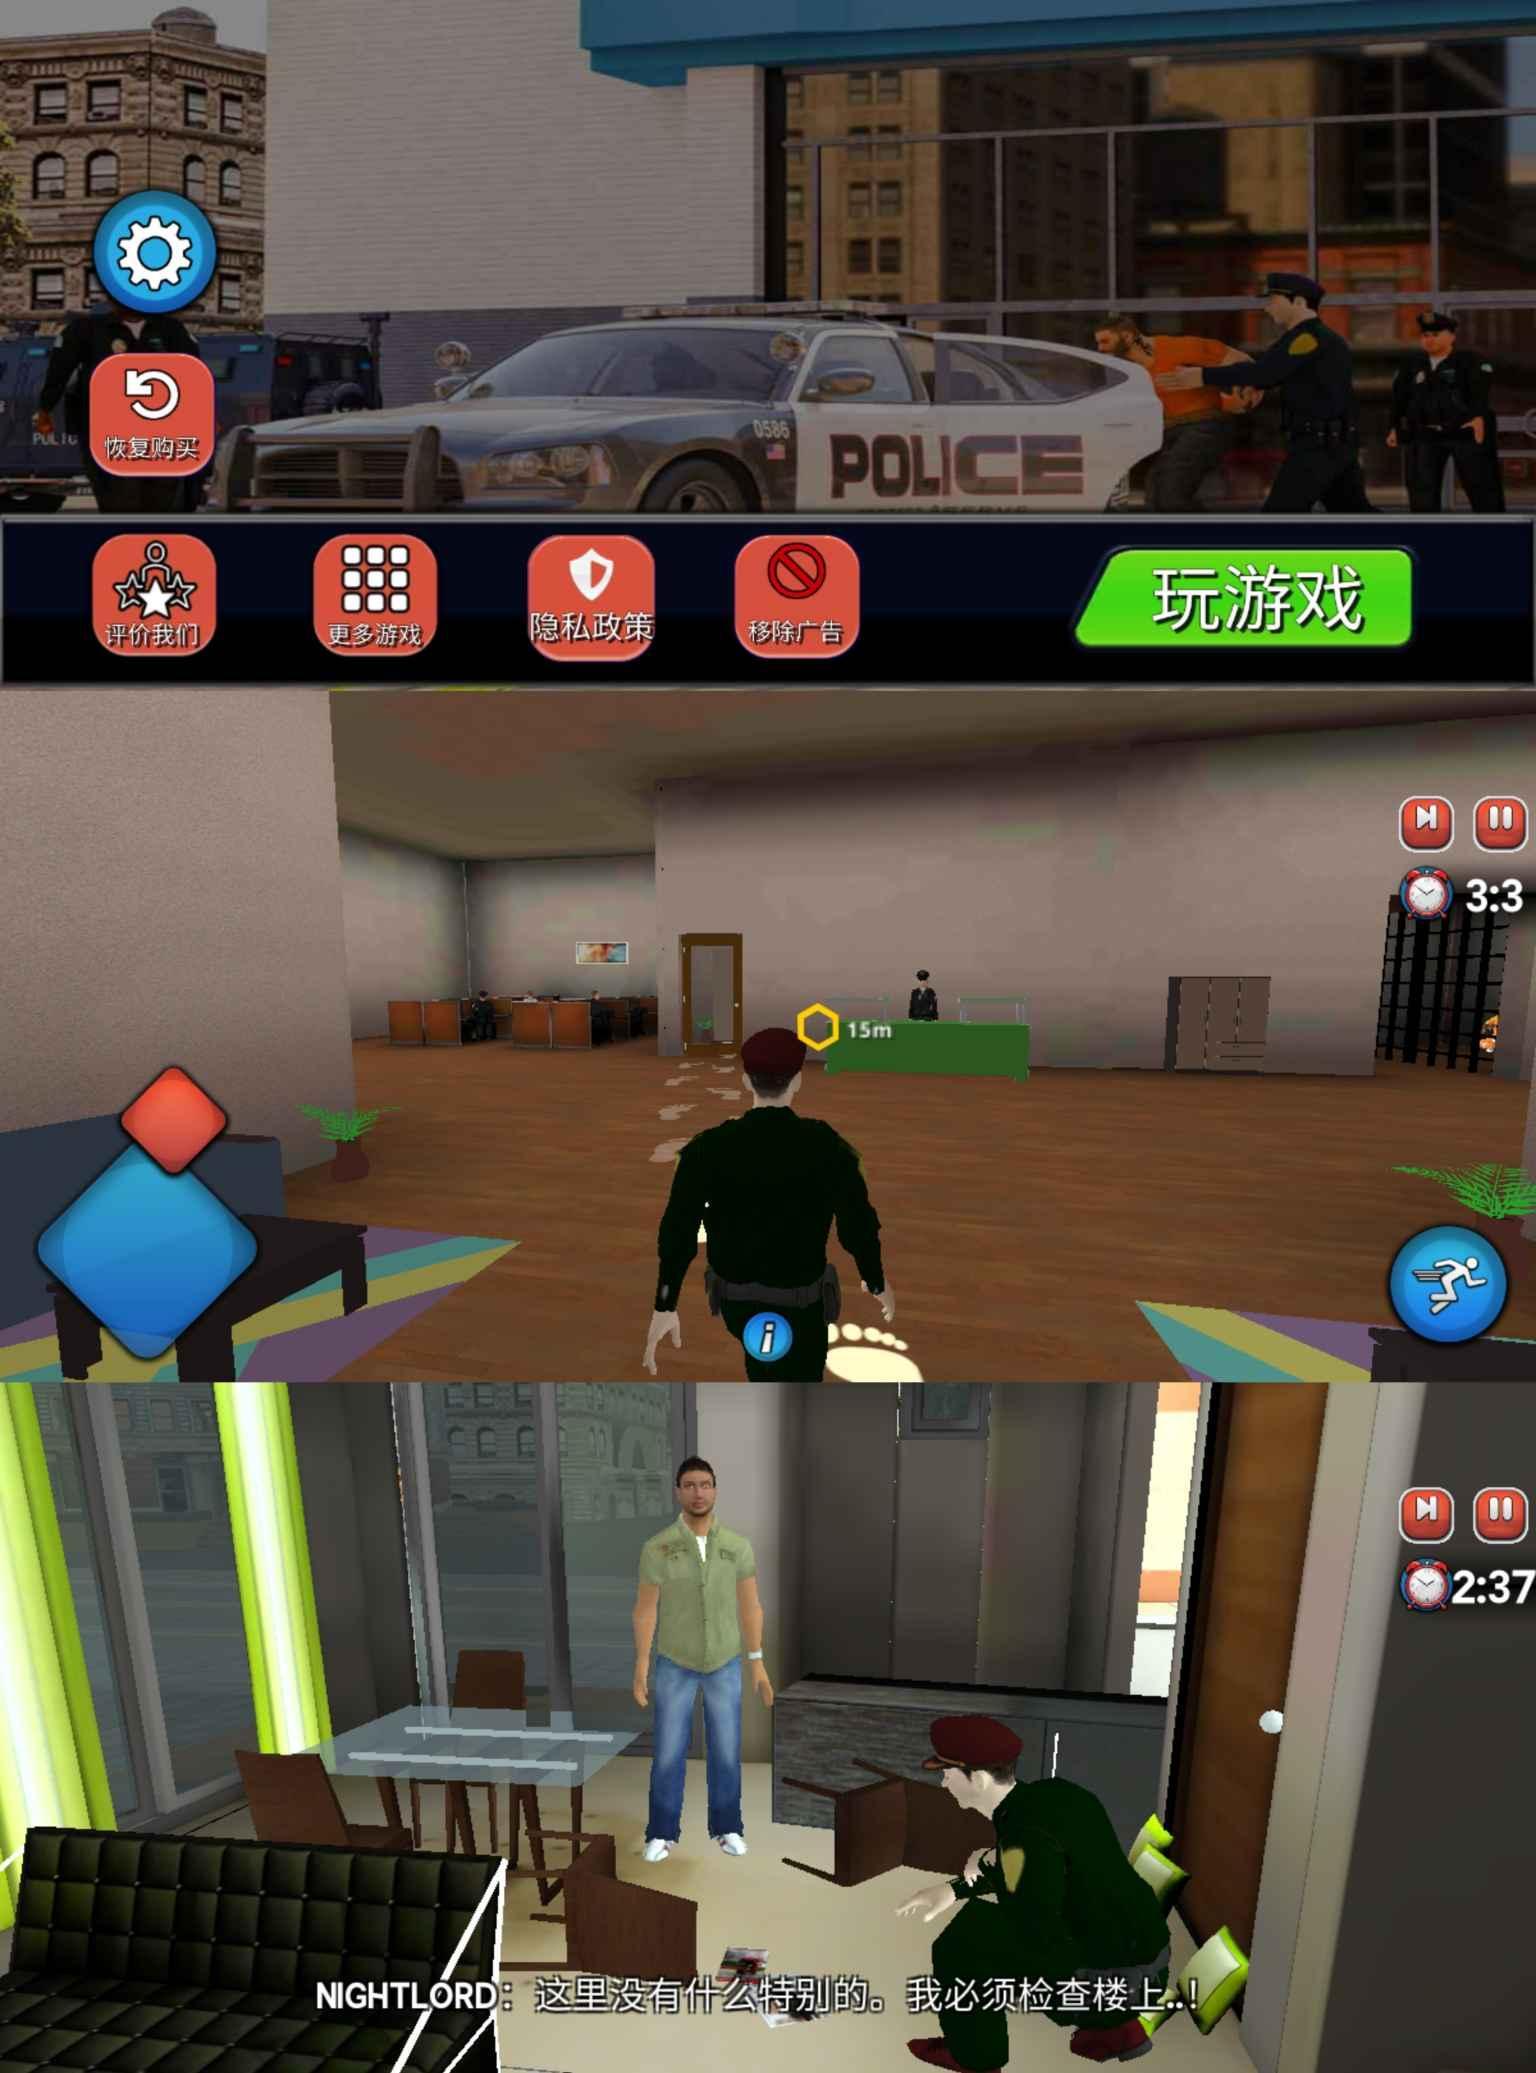 警察工作模拟器优化版截图1